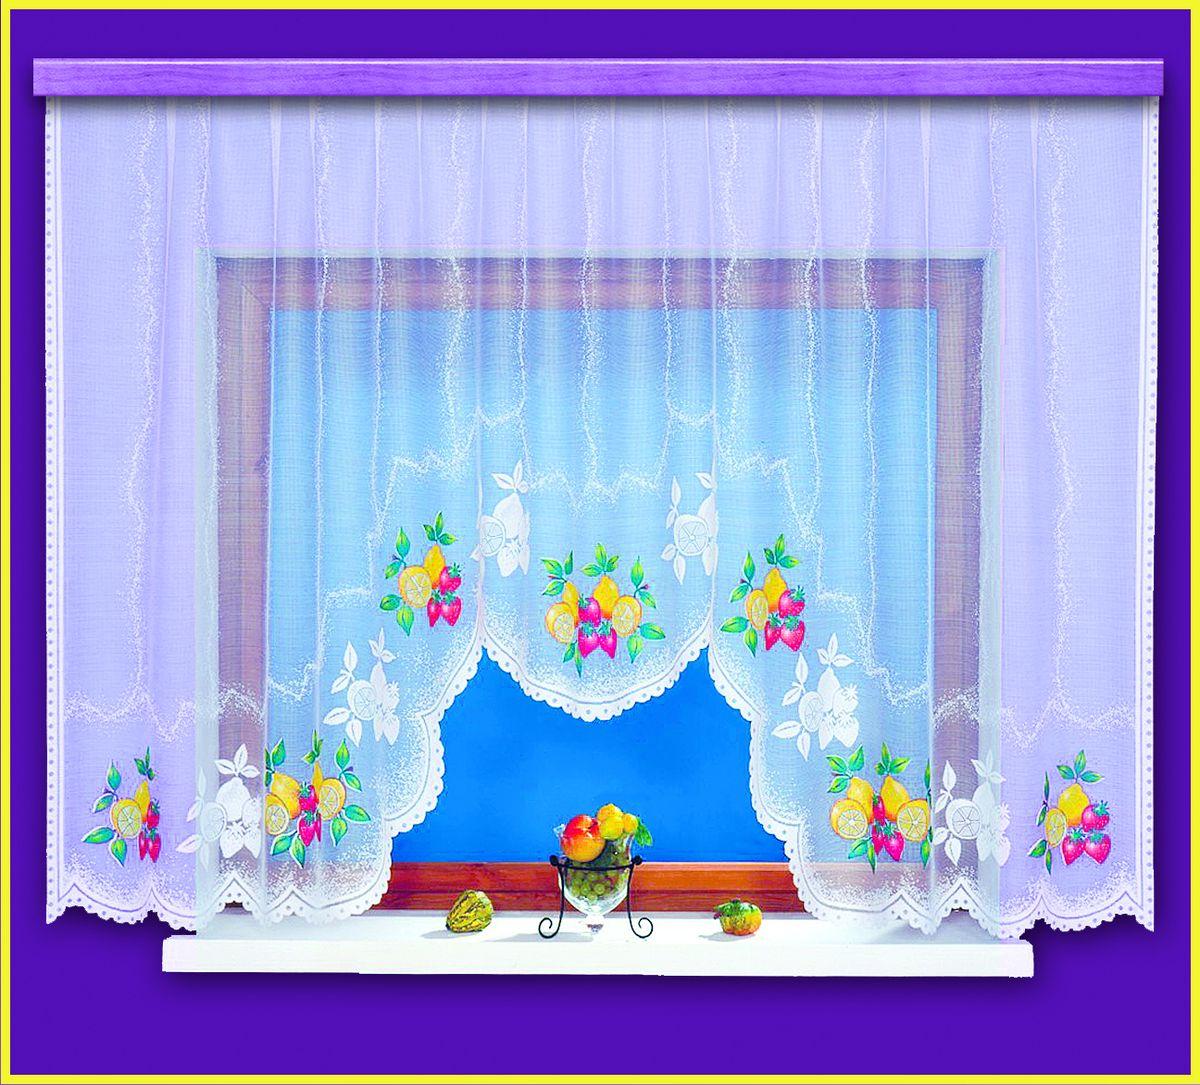 Гардина для кухни Haft Ozdoba Kuchni, цвет: белый, высота 160 см. 99220/16099220/160Воздушная гардина Haft Ozdoba Kuchni, изготовленная из полиэстера белого цвета, станет великолепным украшением любого окна. Оригинальный фруктовый рисунок, украшающий нижний край гардины, и нежная ажурная фактура материала привлекут к себе внимание и органично впишутся в интерьер комнаты. В гардину вшита шторная лента.Размер гардины: 160 х 300 см.Текстильная компания Haft имеет богатую историю. Основанная в 1878 году в Польше, эта фирма зарекомендовала себя в качестве одного из лидеров текстильной промышленности в Европе. Еще в начале XX века фабрика Haft производила 90% всех текстильных изделий в своей стране, с годами производство расширялось, накопленный опыт позволял наиболее выгодно использовать развивающиеся технологии. Главный ассортимент компании - это тюль и занавески. Haft предлагает готовые решения дляваших окон, выпуская готовые наборы штор, которые остается только распаковать и повесить. Модельный ряд отличает оригинальный дизайн, высокое качество. Занавески, шторы, гардины Haft долговечны, прочны, практически не сминаемы, они не притягивают пыль и за ними легко ухаживать.Вся продукция бренда Haft выполнена на современном оборудовании из лучших материалов.